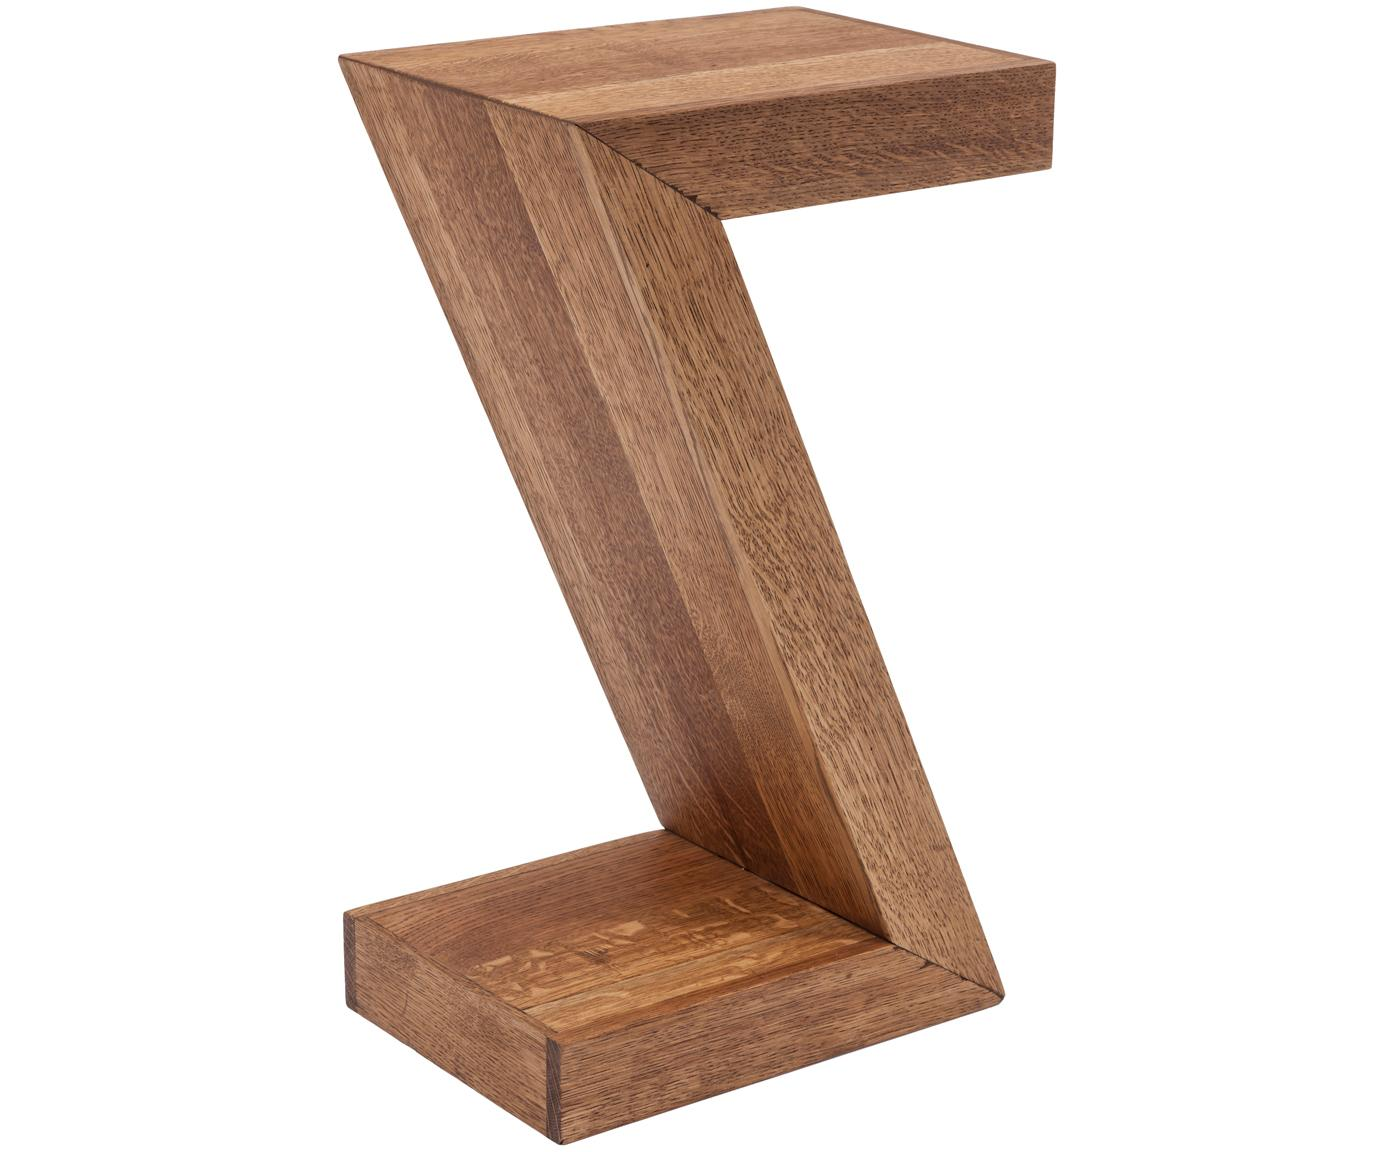 Beistelltisch Attento aus Eichenholz, Eichenholz, massiv, geölt, Eichenholz, B 30 x T 20 cm